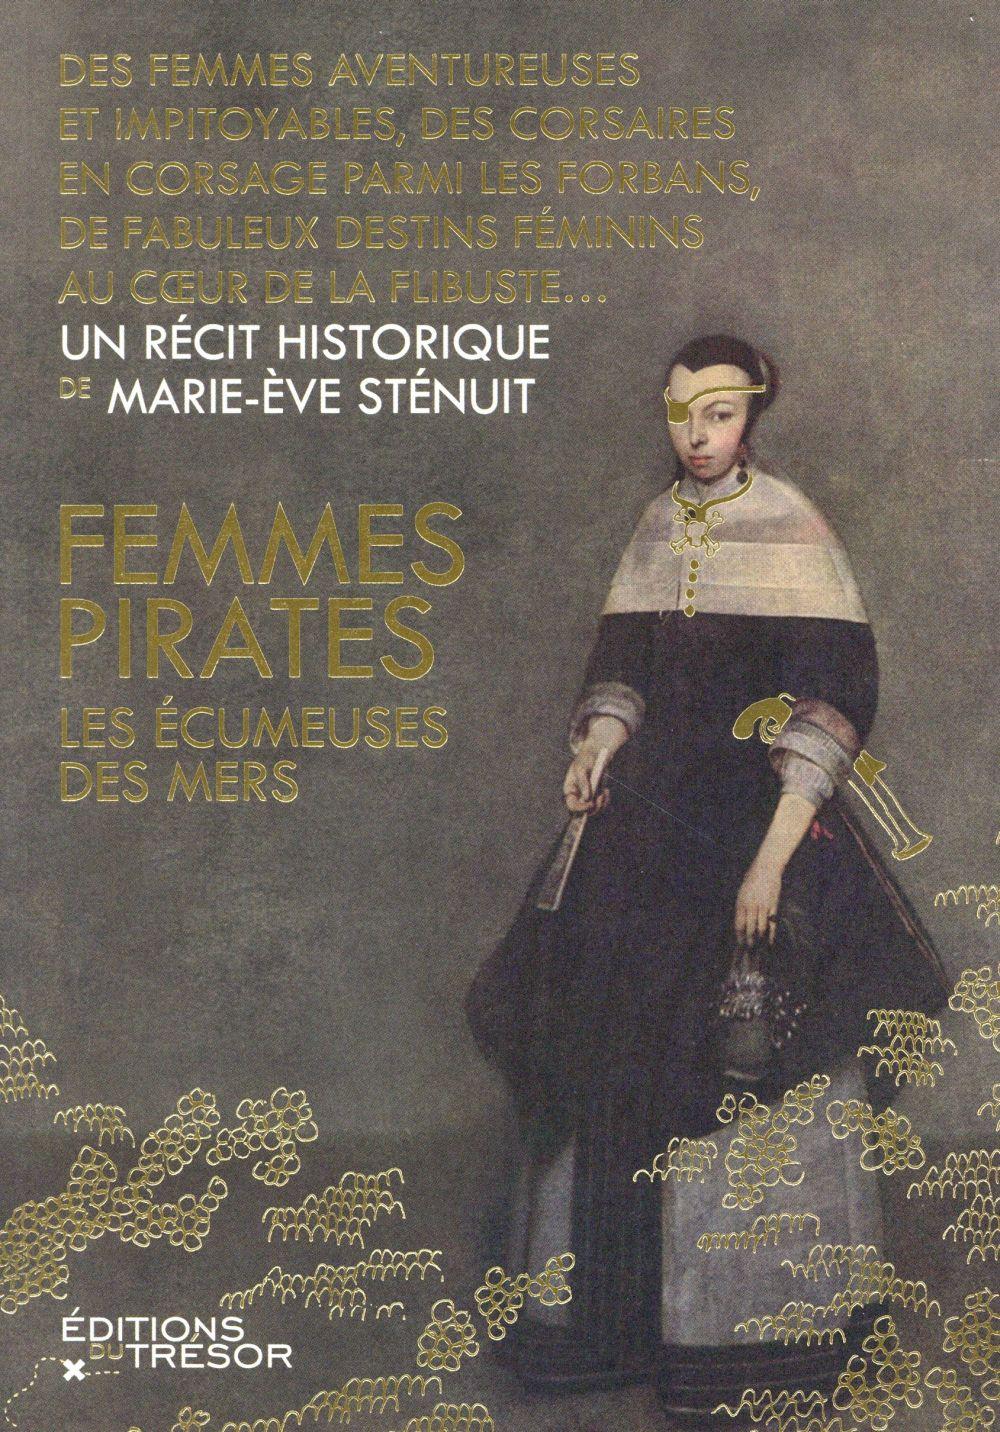 FEMMES PIRATES, LES ECUMEUSES DES MERS